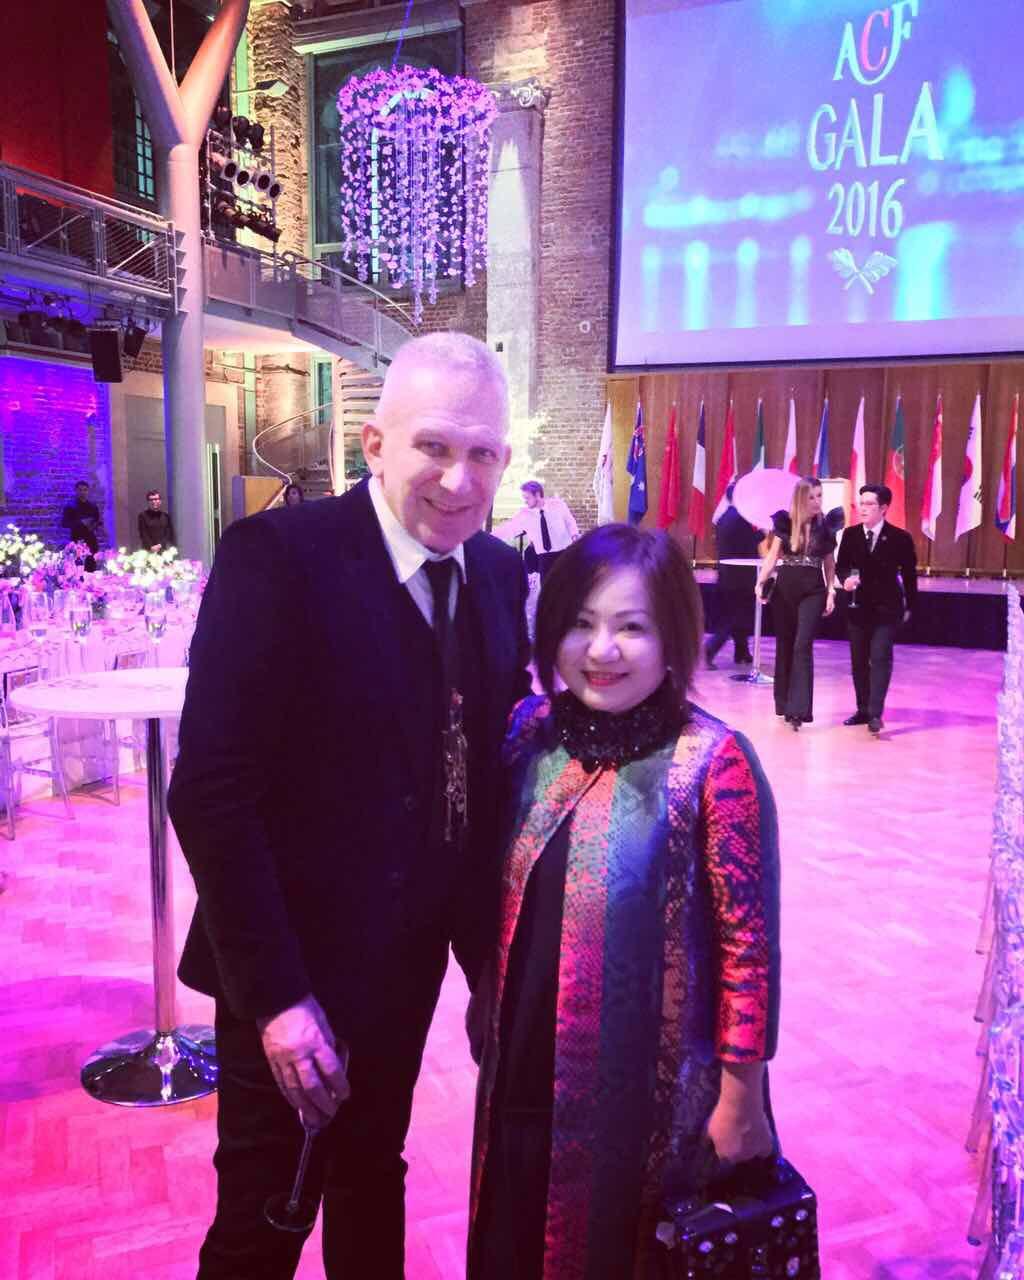 NTK Jean Paul Gaultier bày tỏ sự hào hứng trước thị trường thời trang Việt Nam